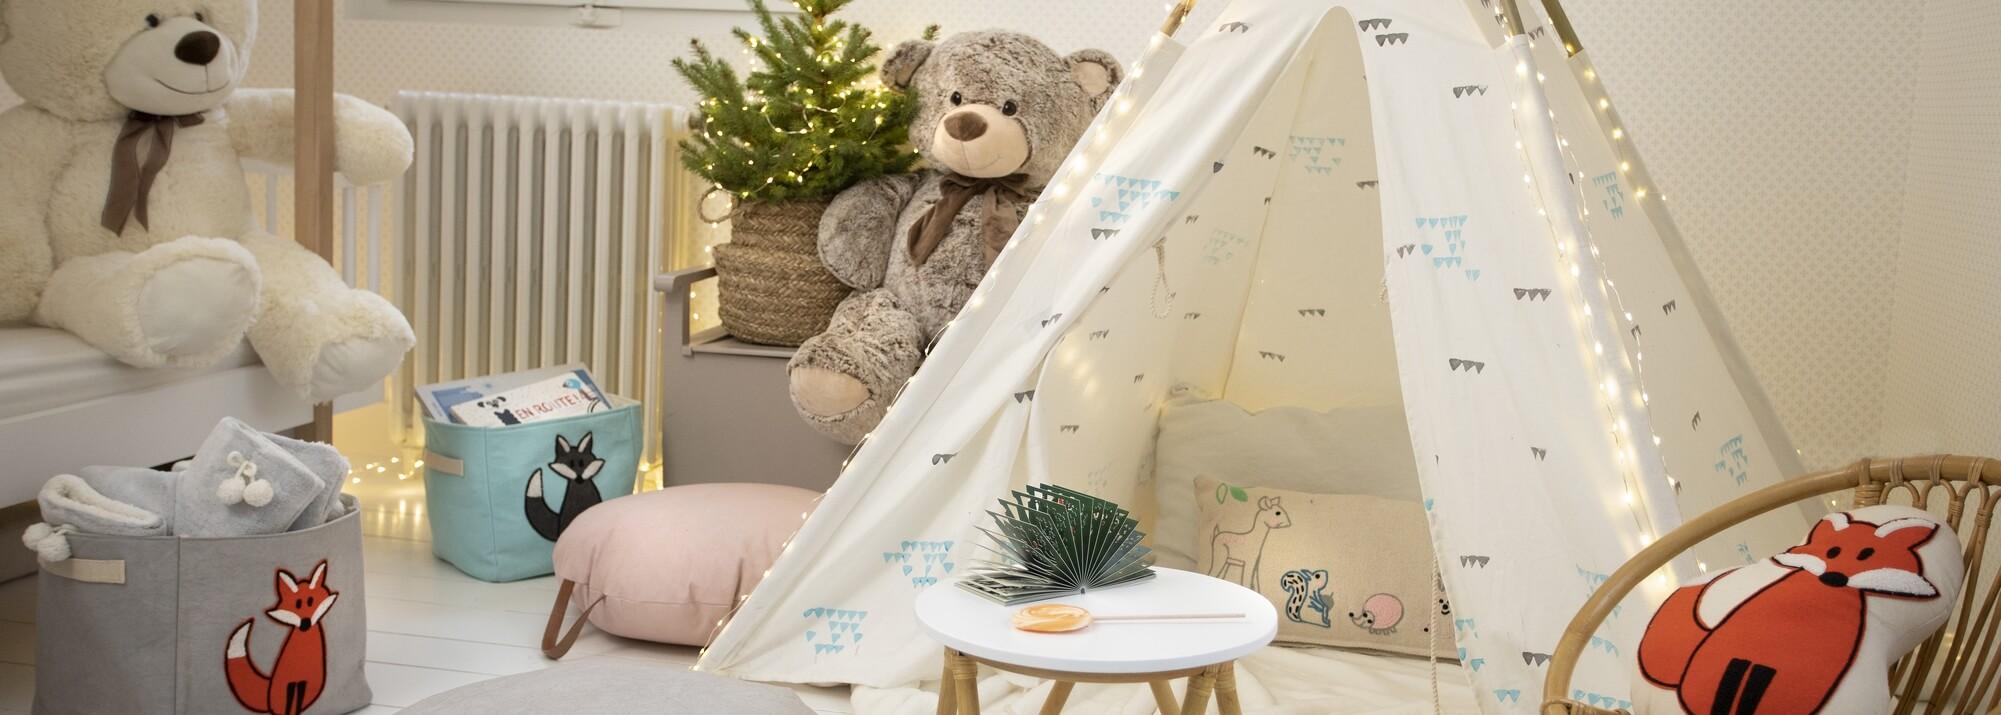 Décoration pour chambre enfant